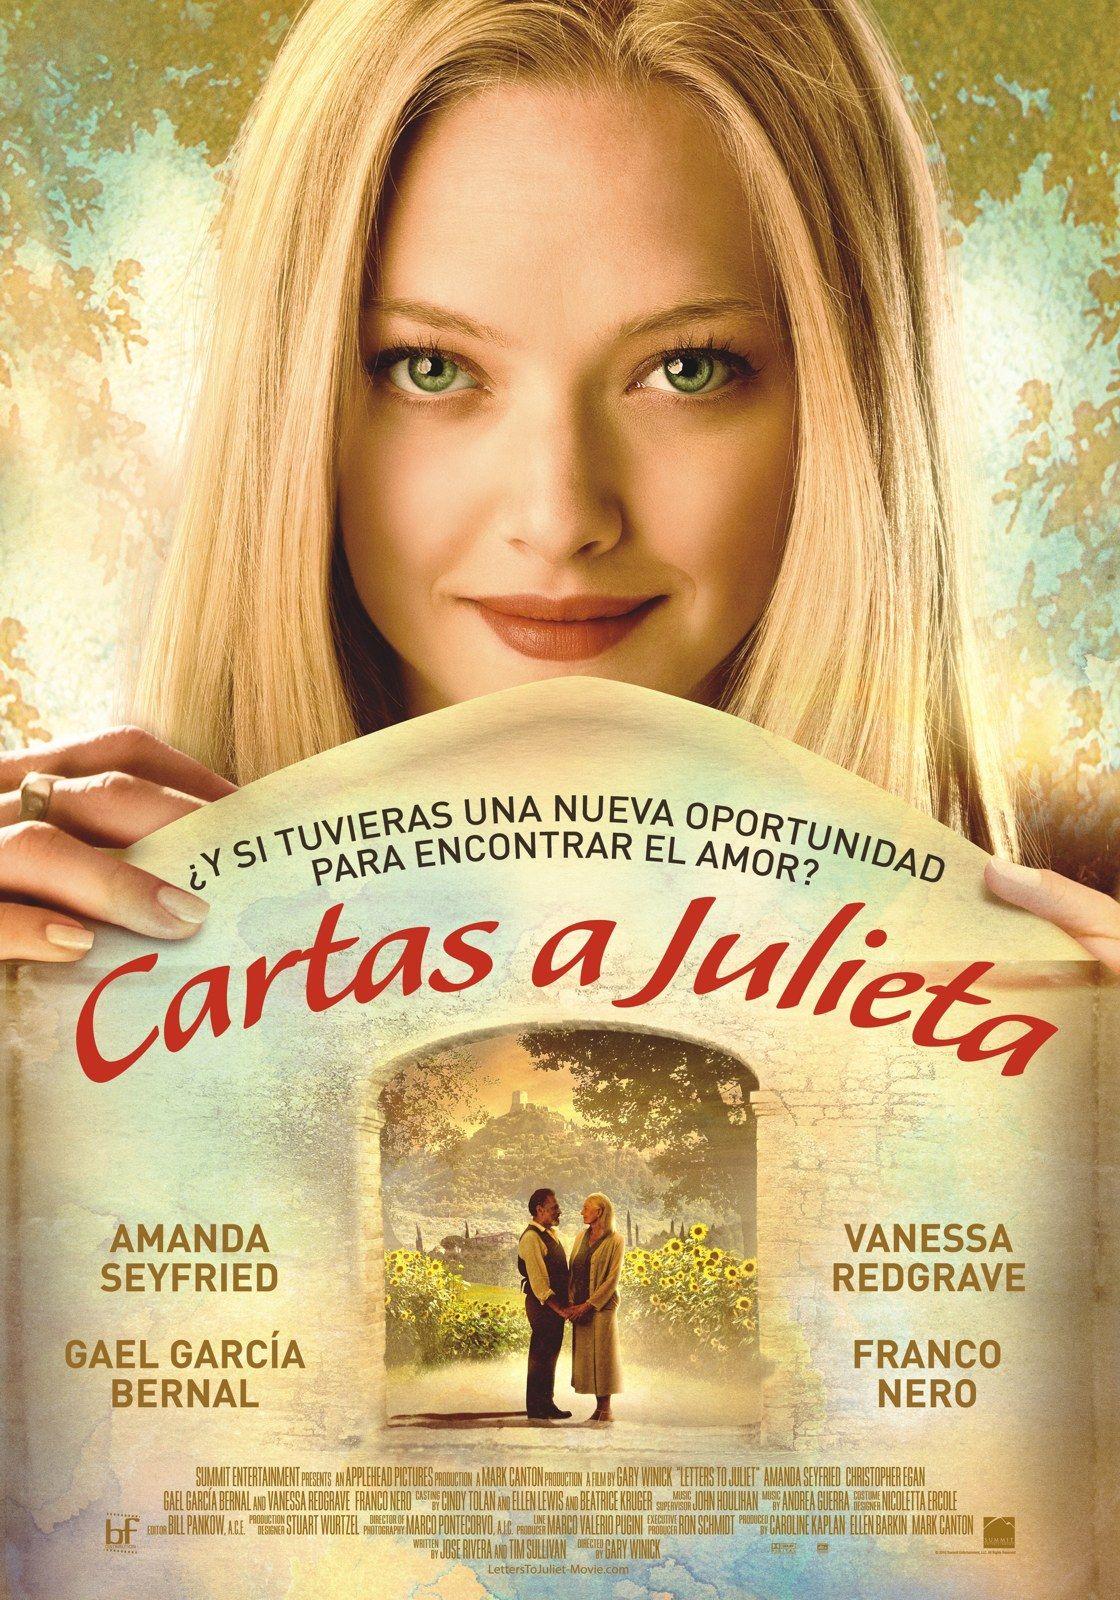 Cartas A Julieta 2010 Latino Castellano Subtitulada Sophie Amanda Seyfried Y Victor Cartas A Julieta Cartas A Julieta Pelicula Peliculas Completas